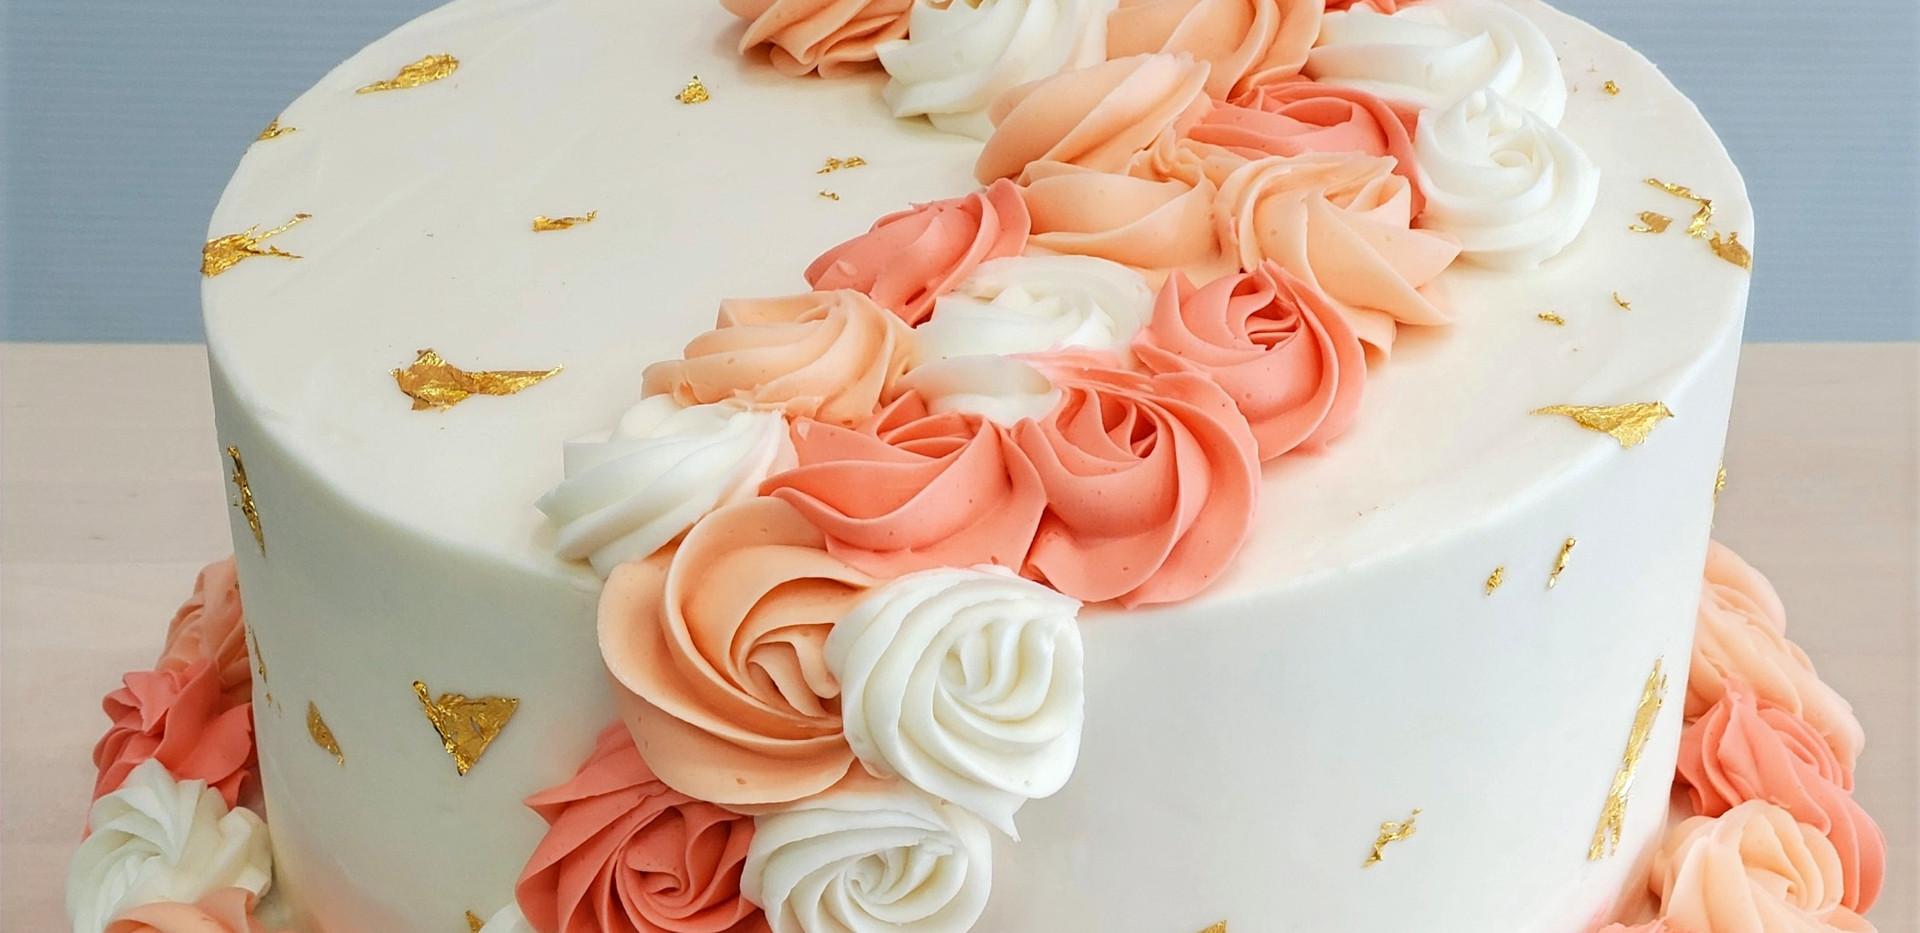 Custom Baby Shower Cake w/ Rossettes